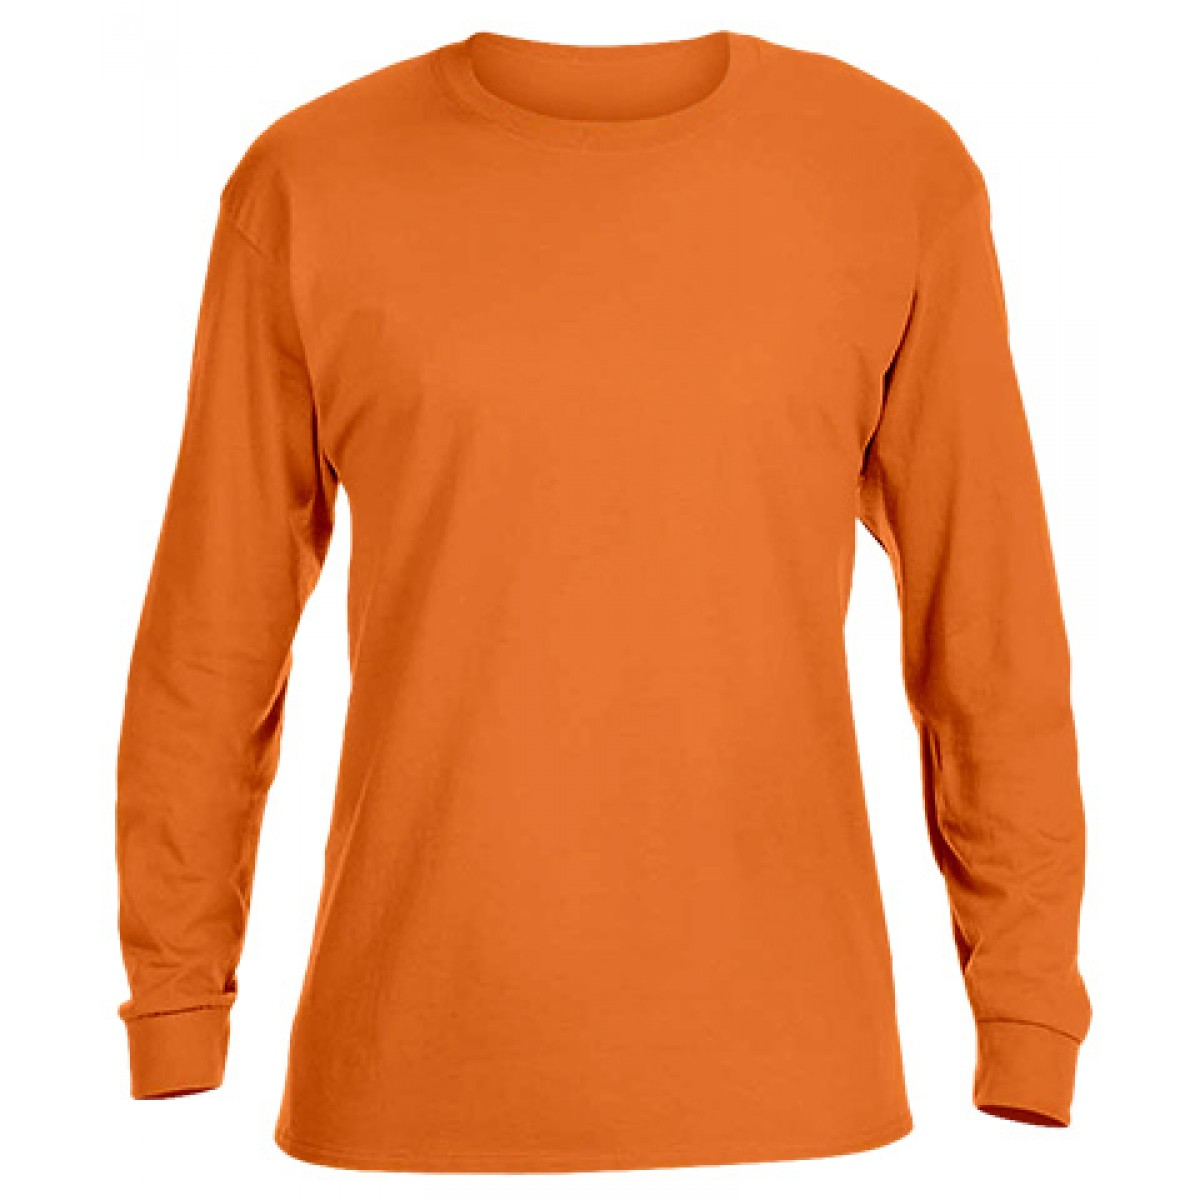 Basic Long Sleeve Crew Neck -Orange-XL